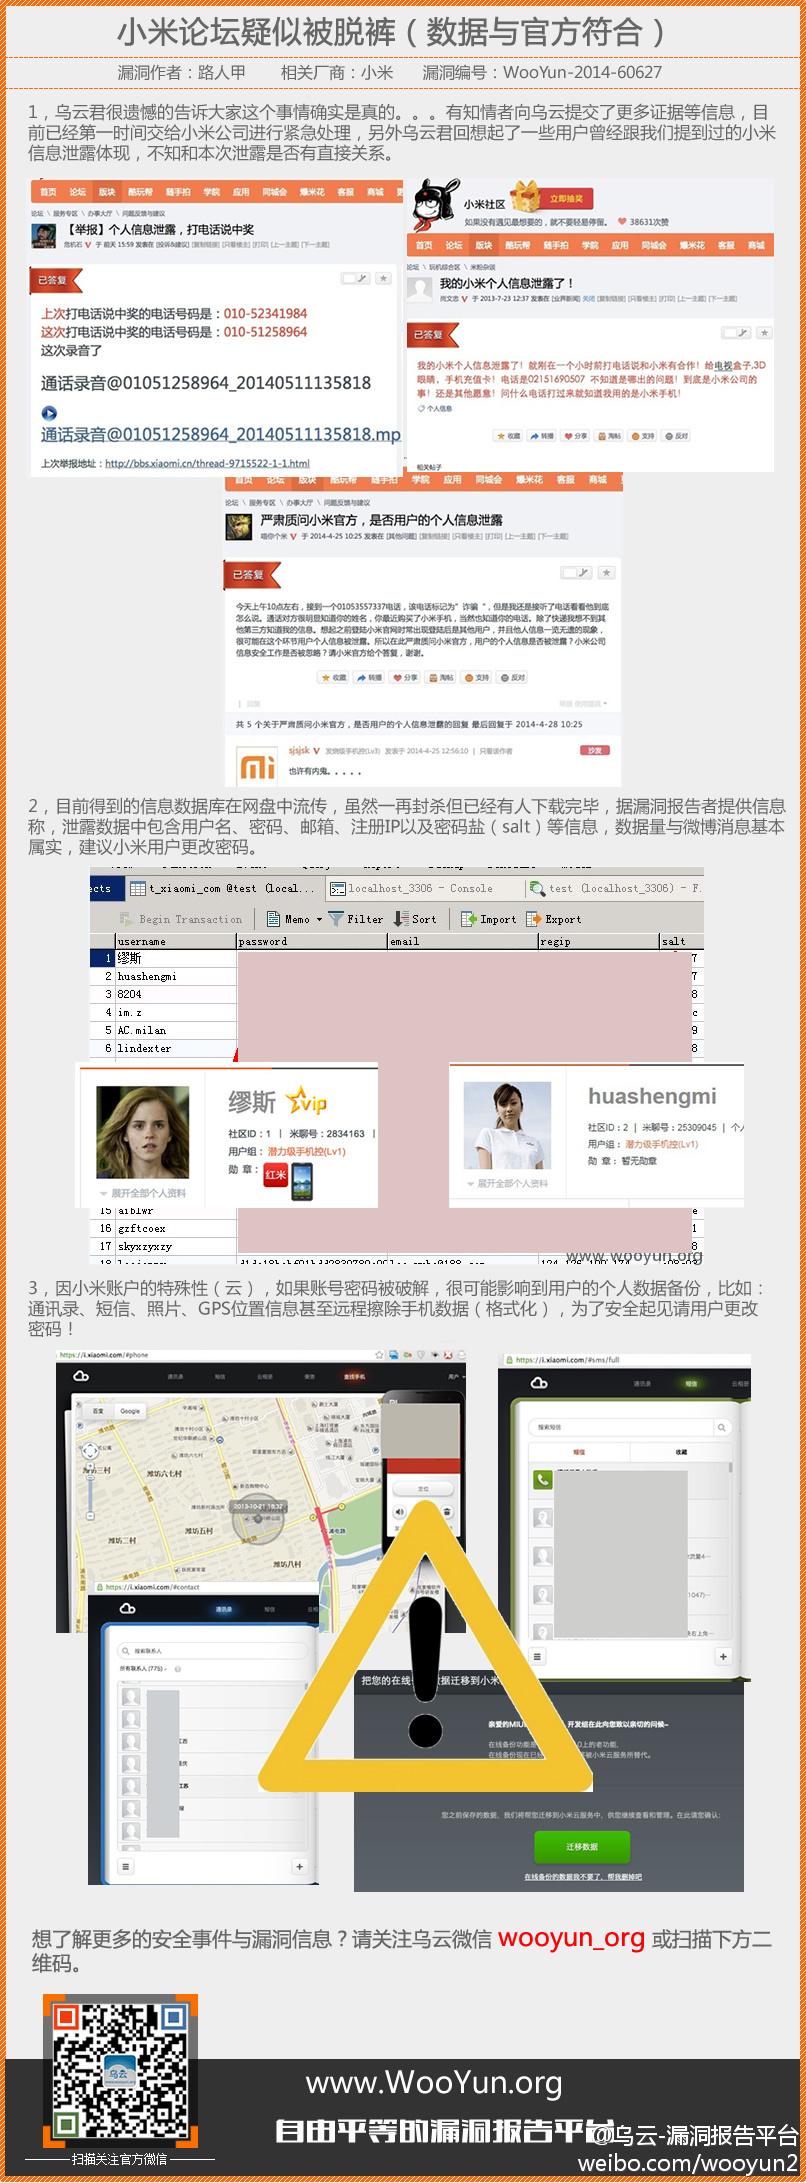 小米论坛800万用户数据库泄漏 请立即修改密码